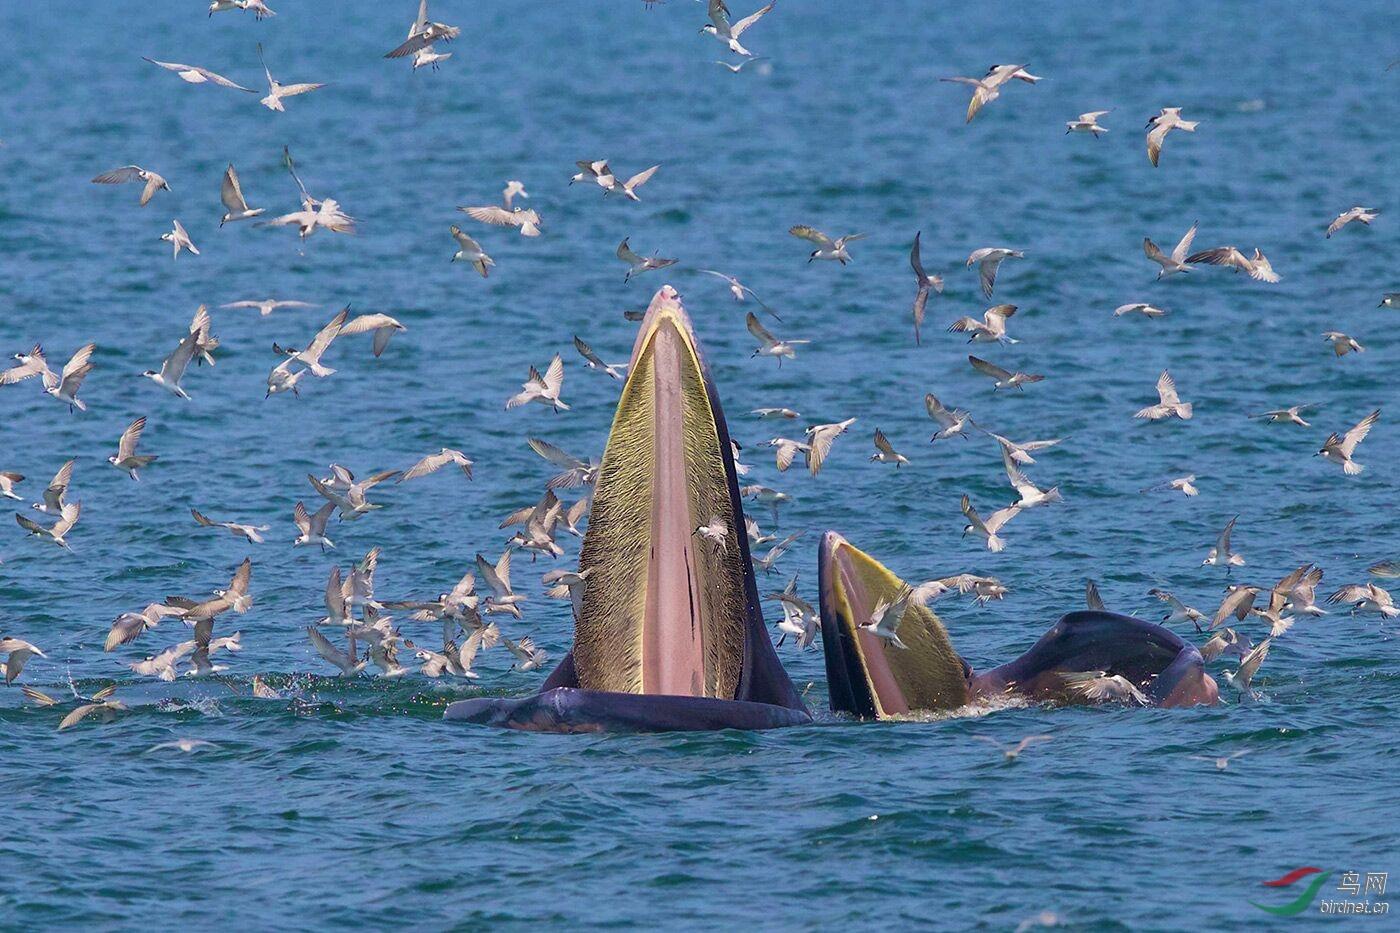 18--《布氏鲸的盛宴 》--王易(曼谷奔驰).jpg